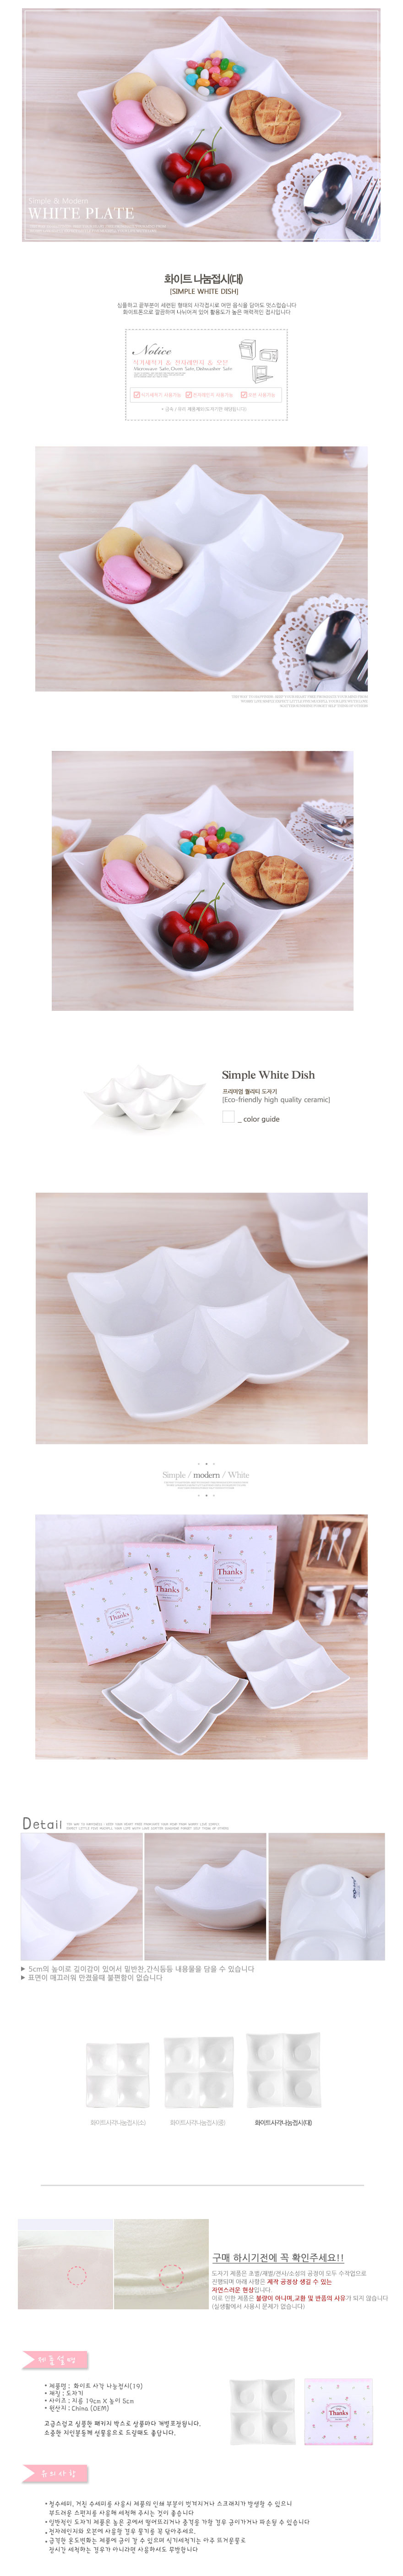 화이트 사각나눔접시(대) - 가온리빙, 4,900원, 나눔접시/식판, 나눔접시